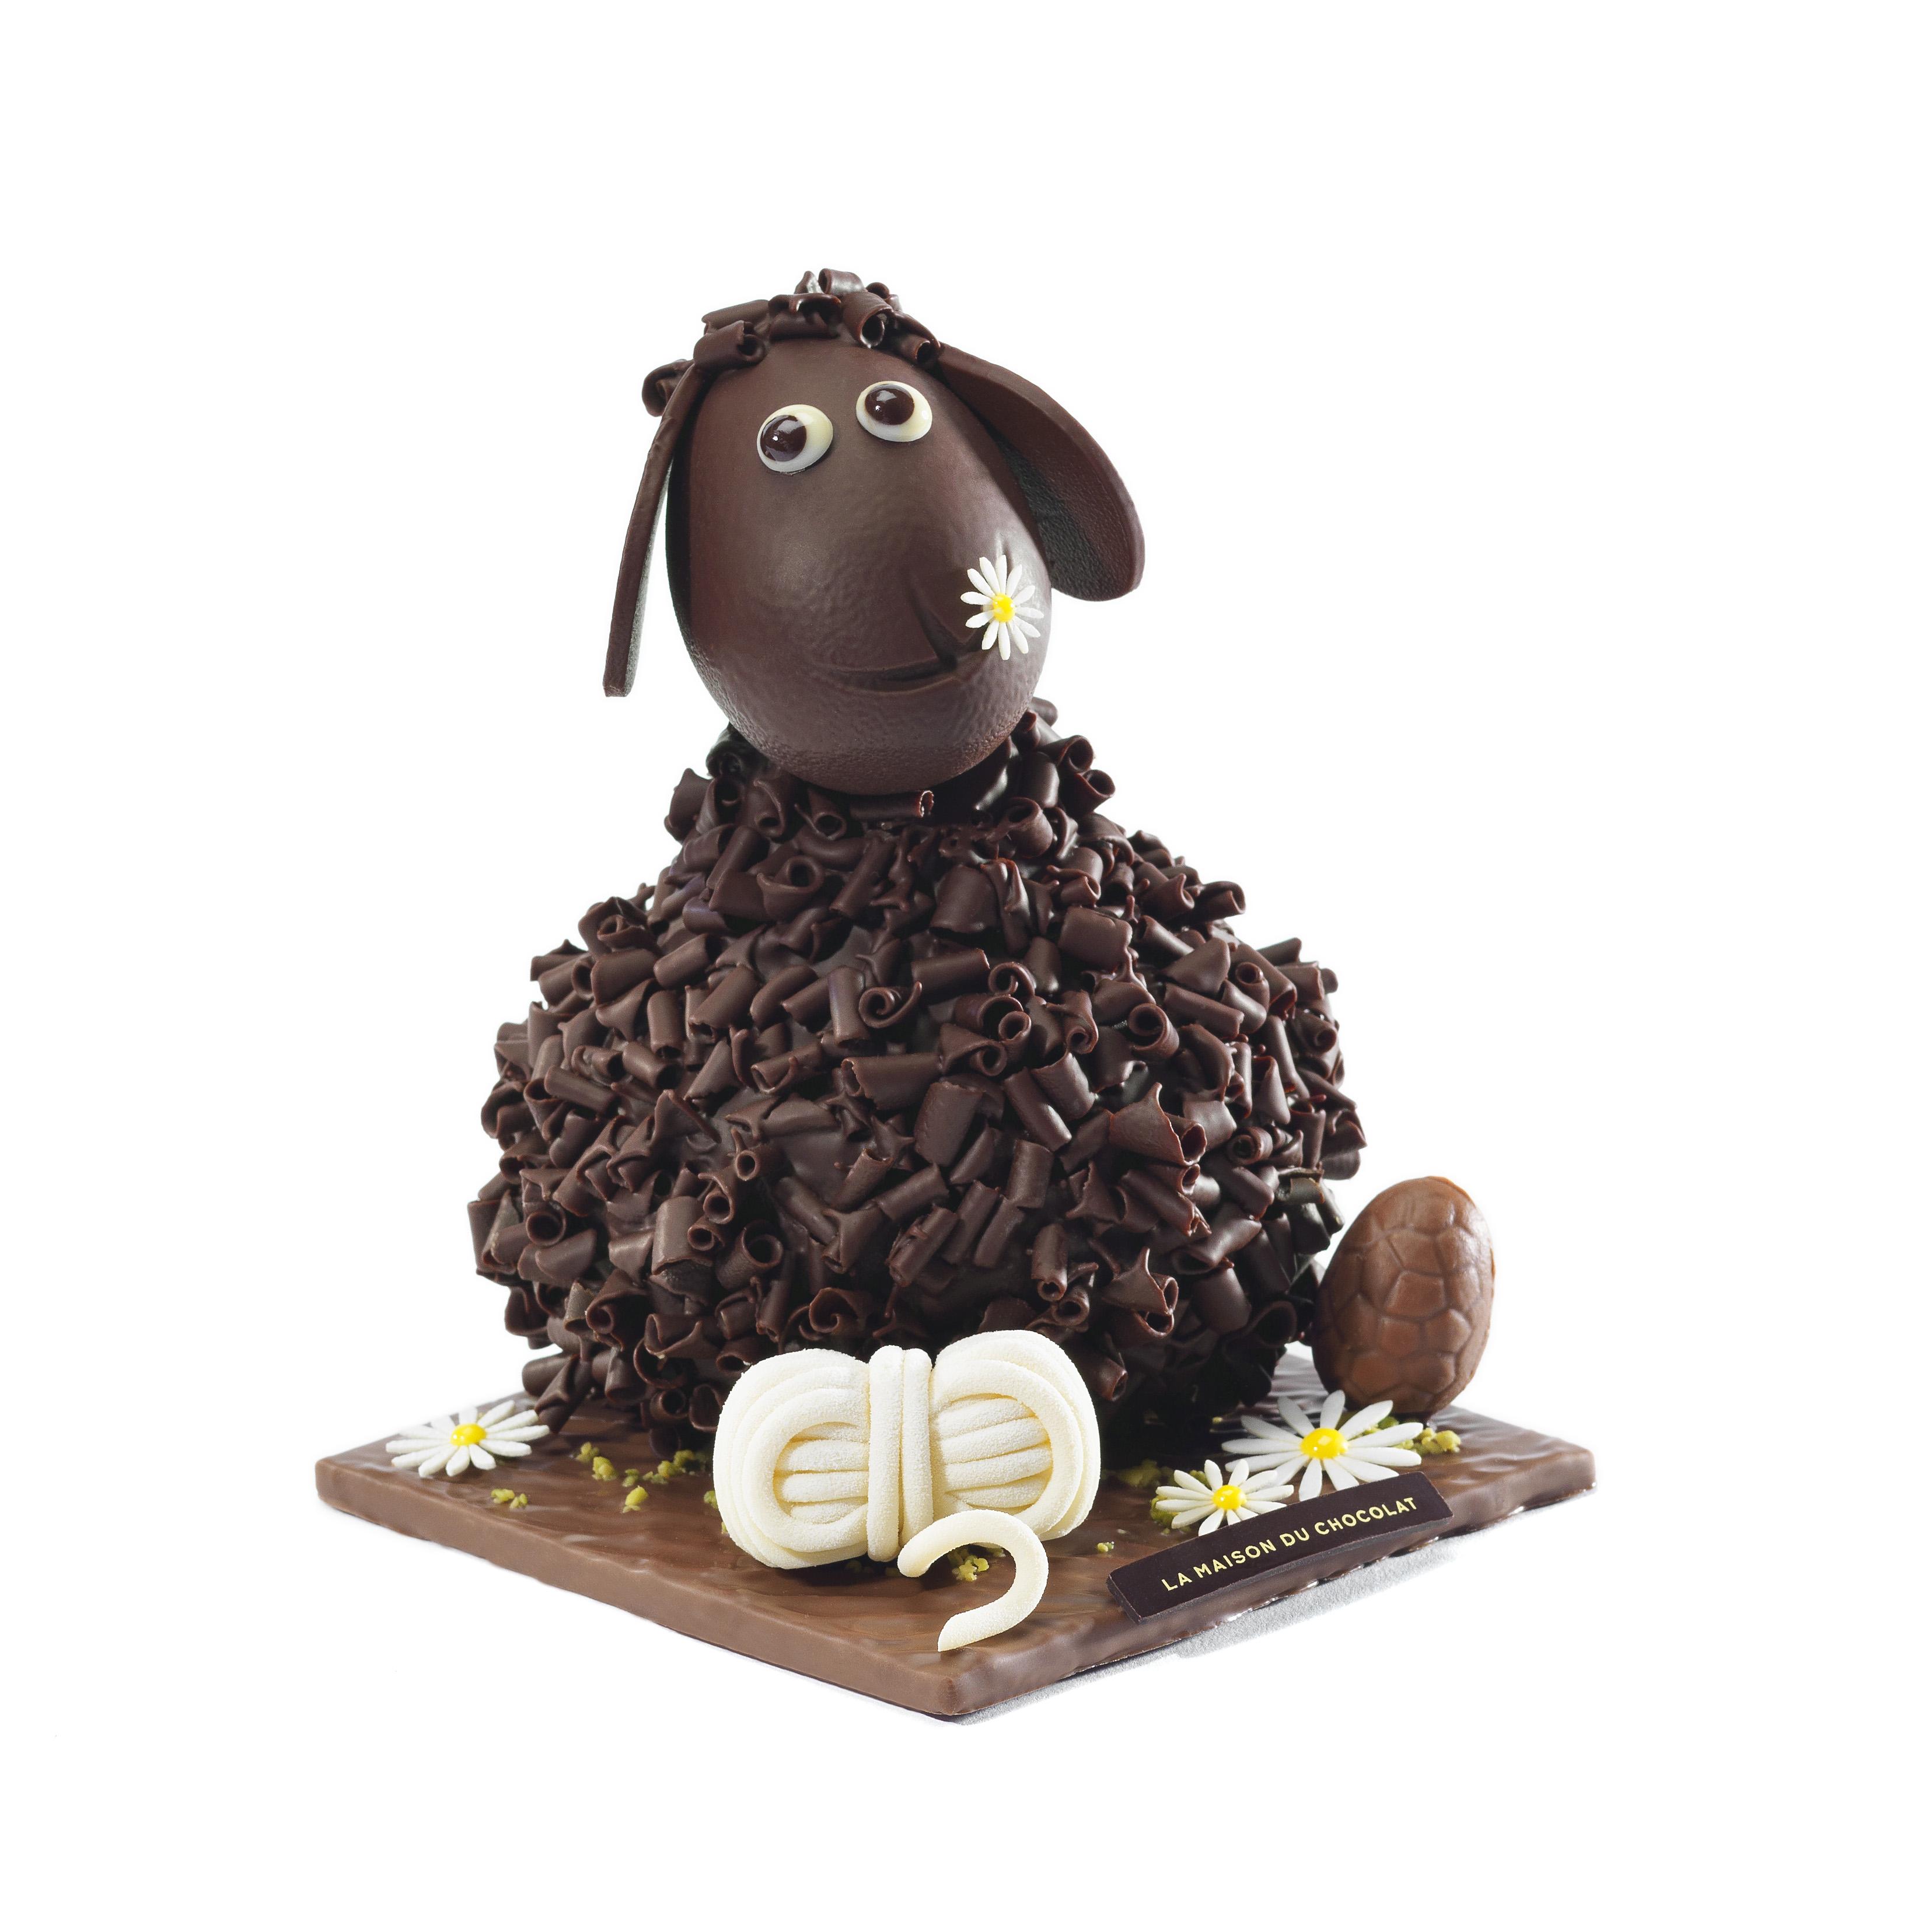 Chocolat noir paques 2013 la maison du chocolat luxsure - Recycler chocolat de paques ...